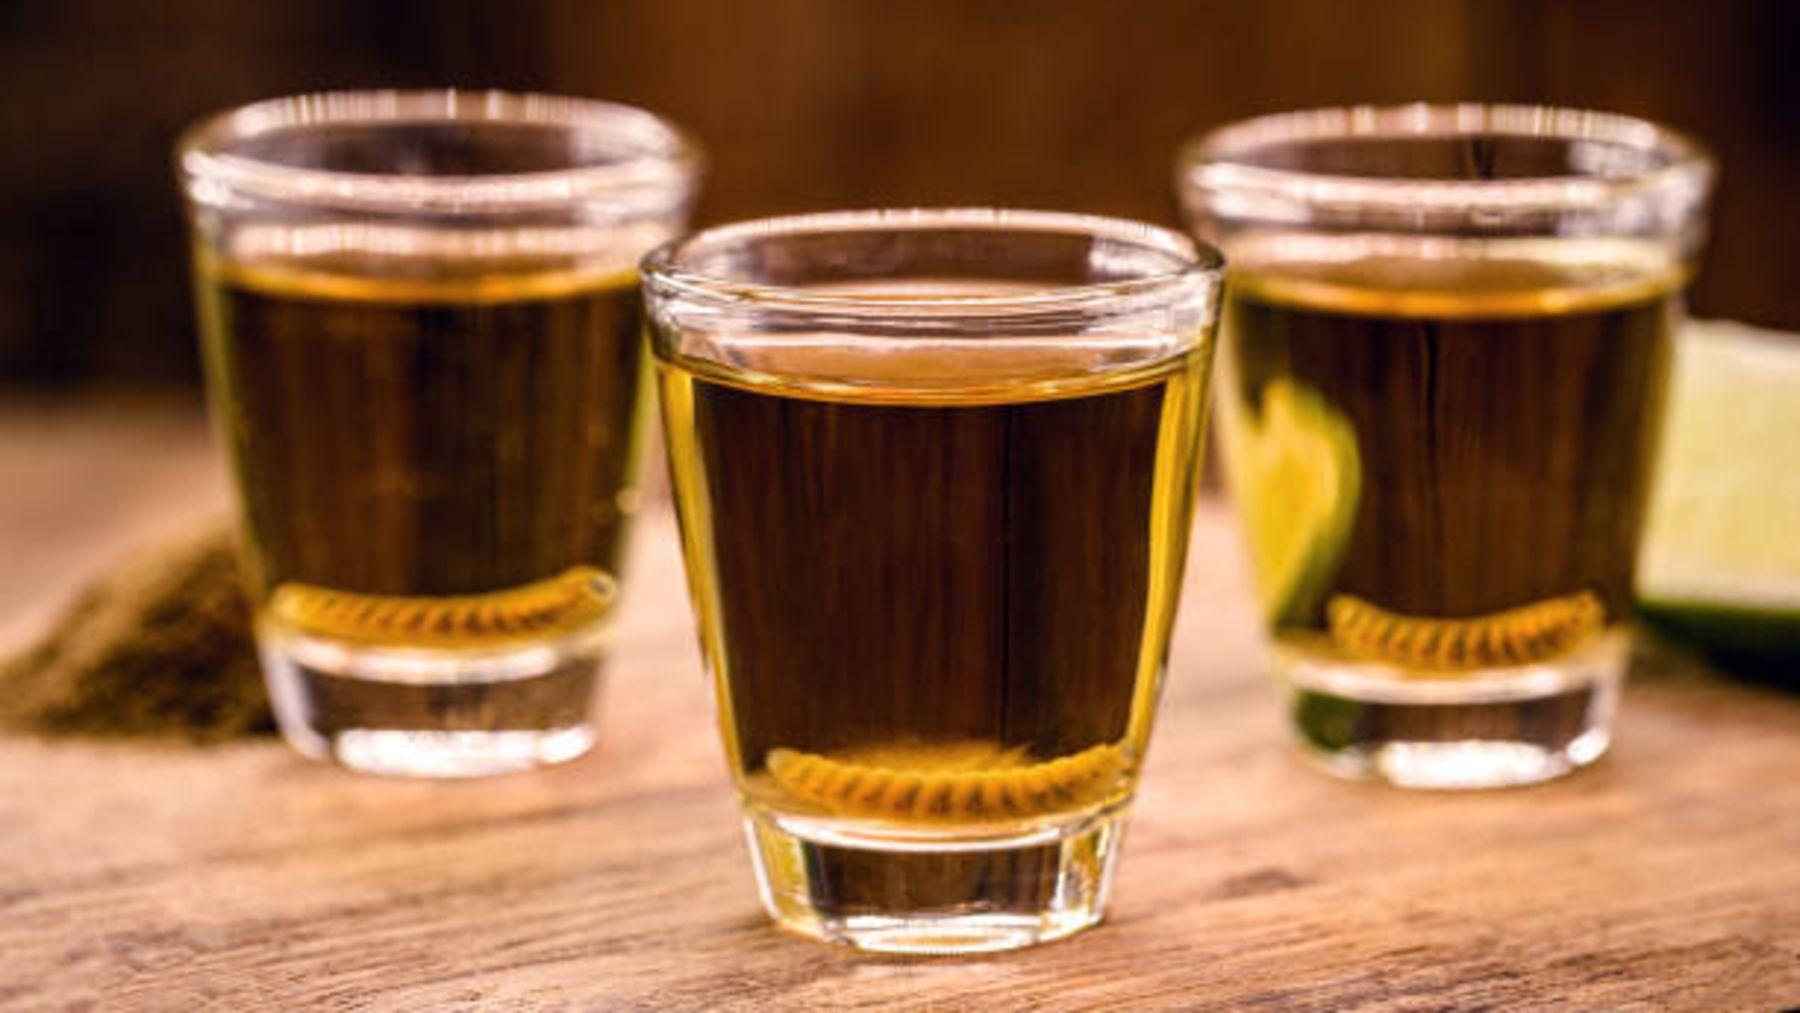 Descubramos el porqué de los gusanos dentro del tequila